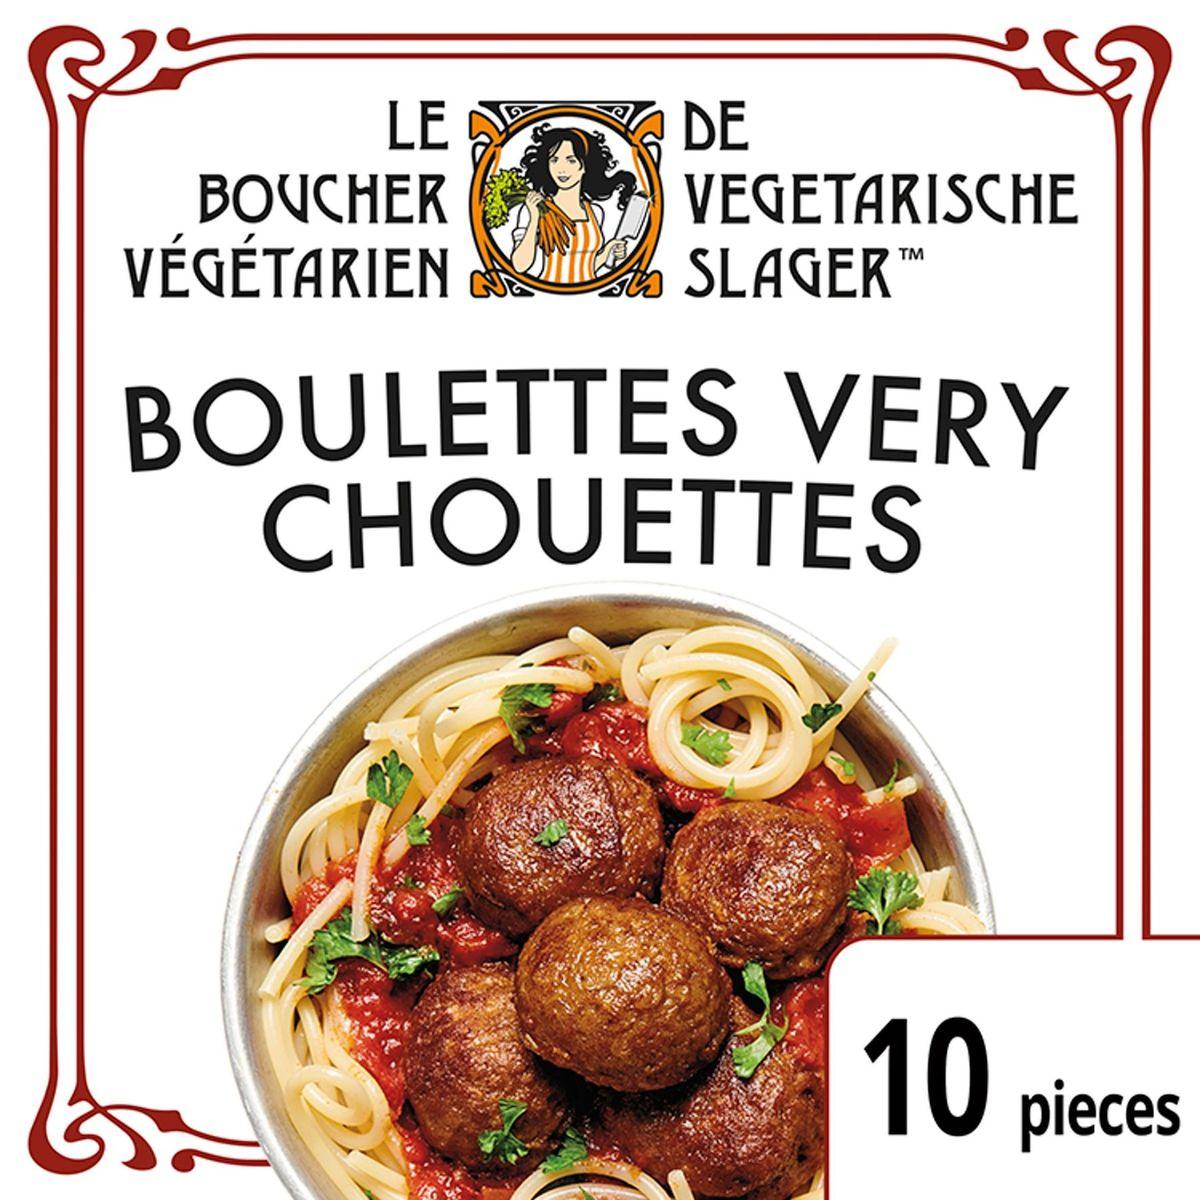 Le Boucher Végétarien Boulettes Végétariennes Very Chouettes 170 gr